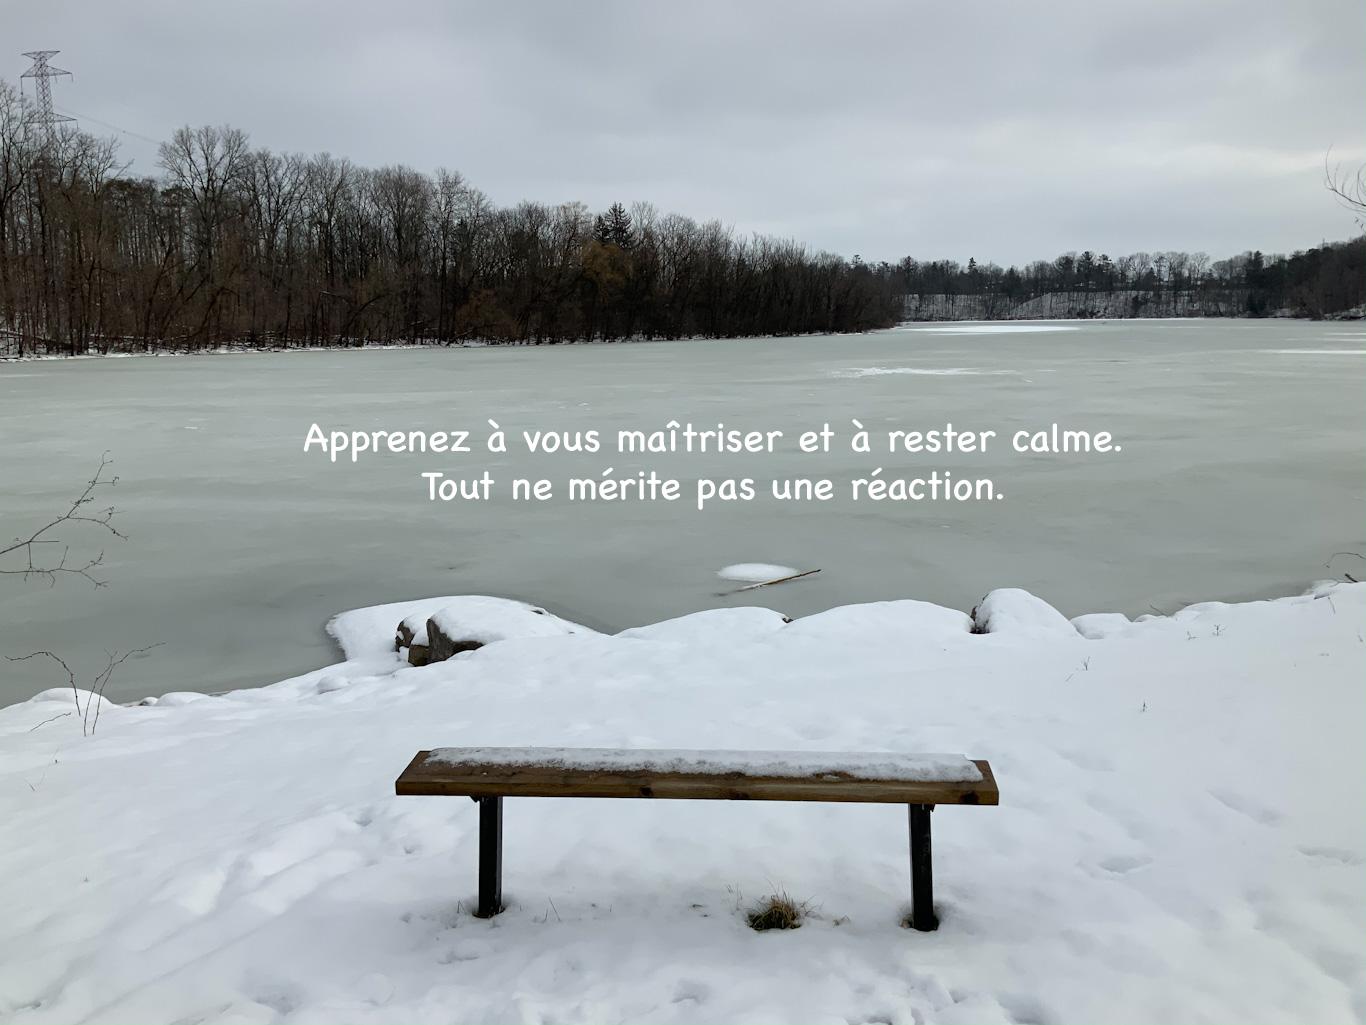 Calme-citation